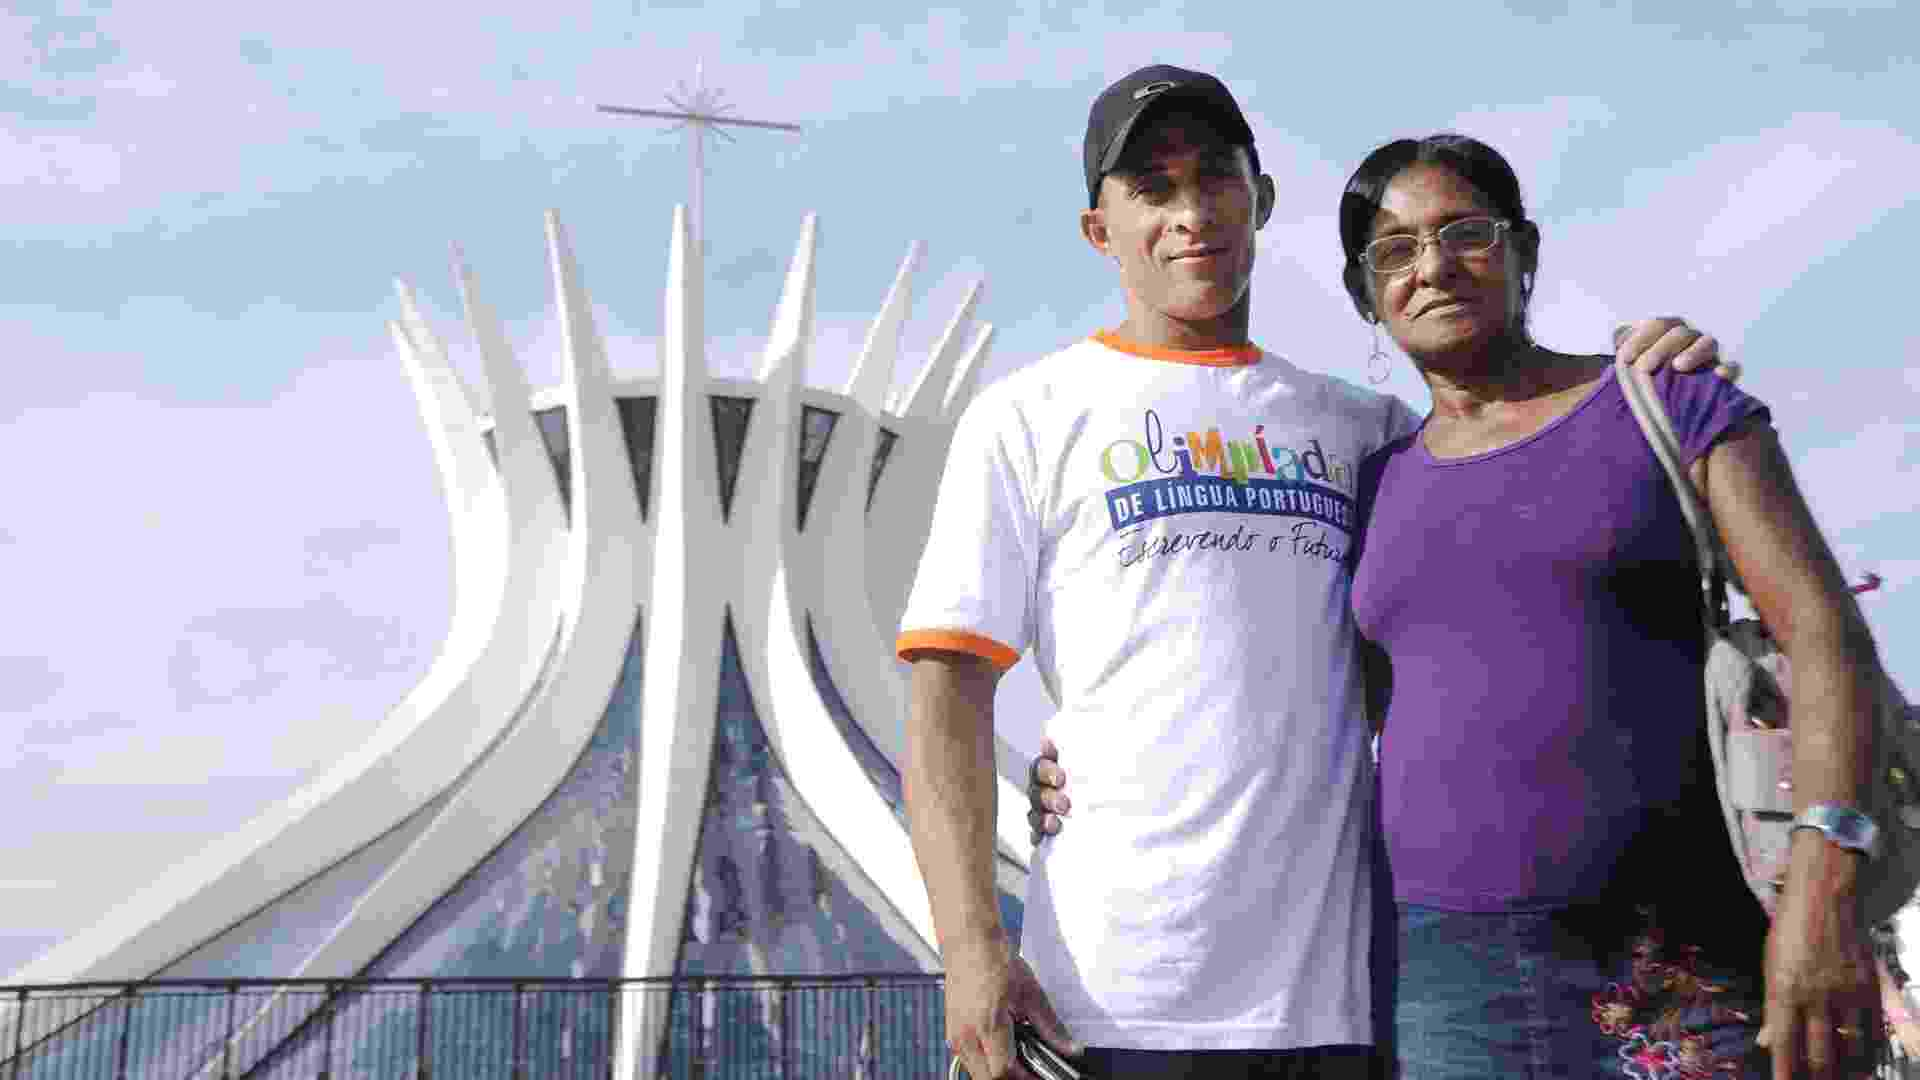 Com um artigo sobre a migração nordestina para o Paraná, Sineudo dos Santos de 23 anos foi um dos finalistas da Olimpíada de Língua Portuguesa - Pedro Ventura/UOL